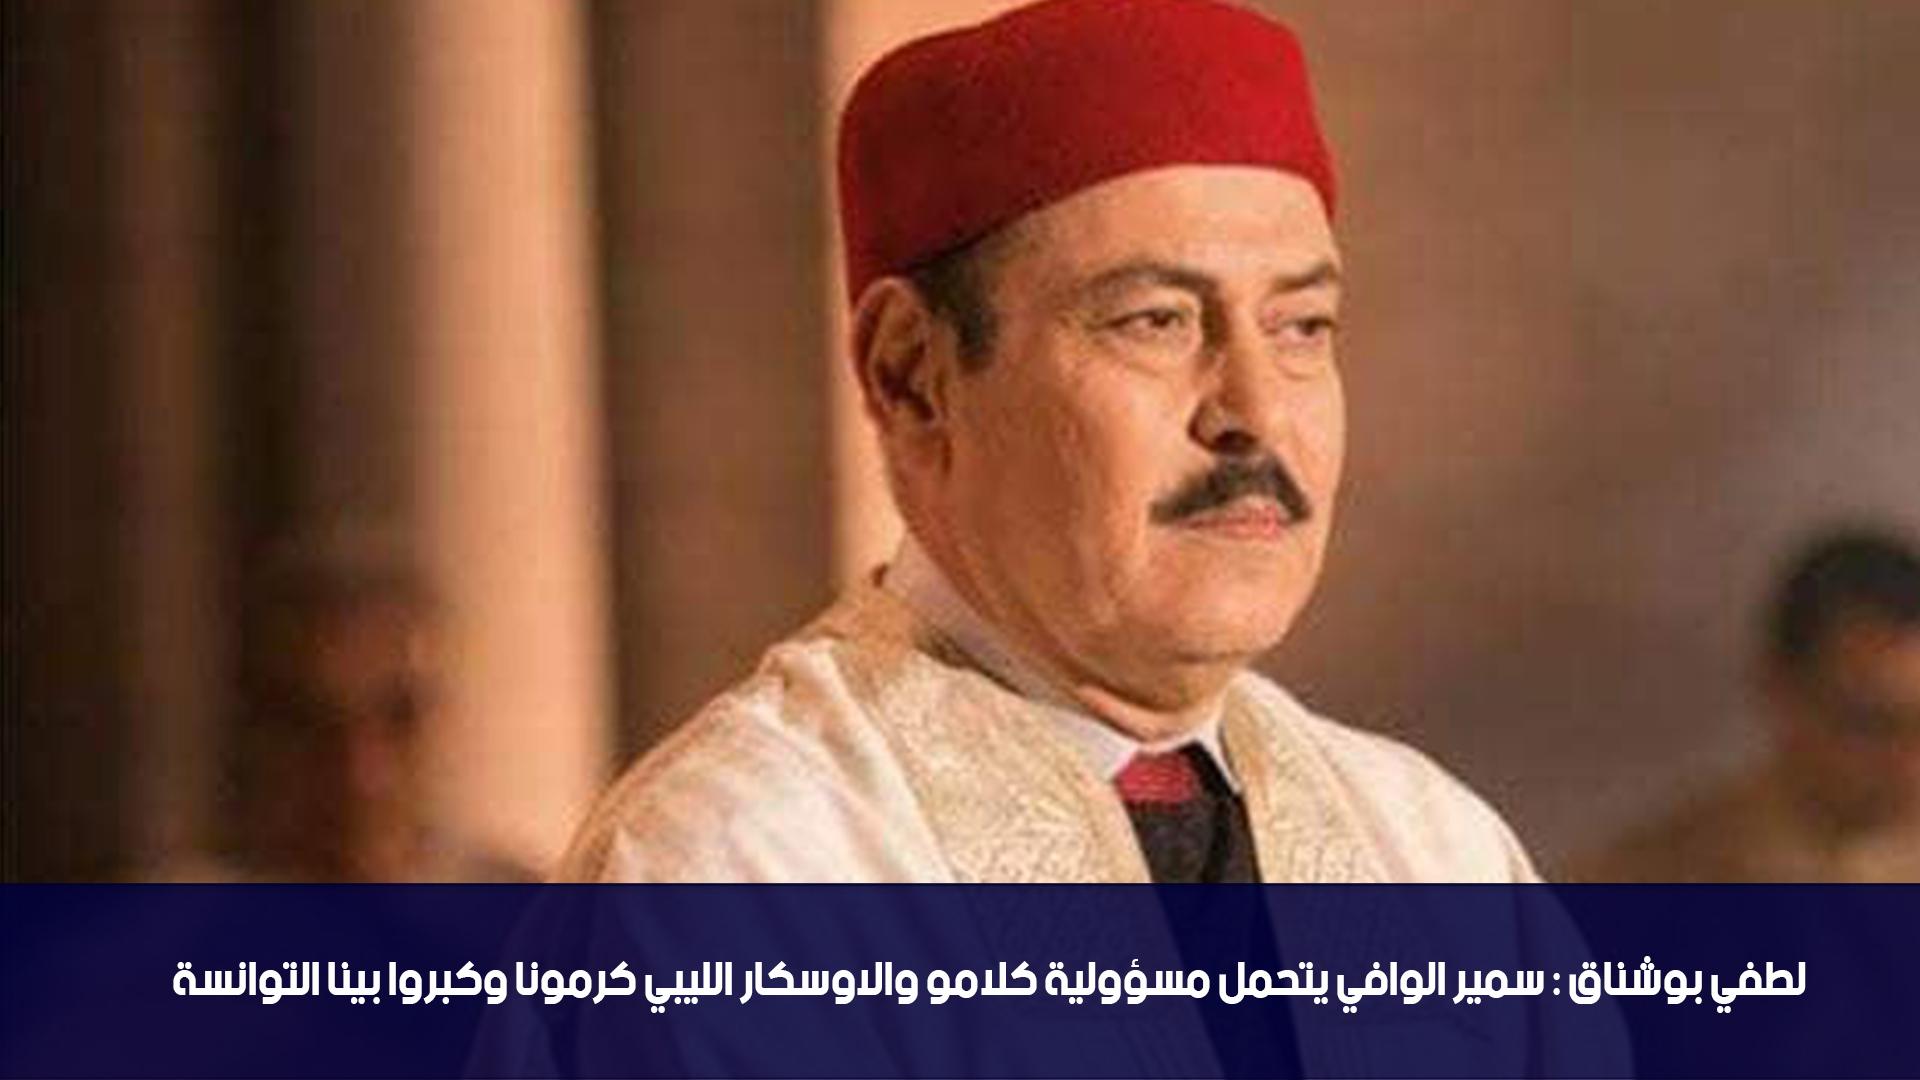 لطفي بوشناق:سمير الوافي يتحمل مسؤولية كلامو والاوسكار الليبي كرمونا وكبروا بينا التوانسة